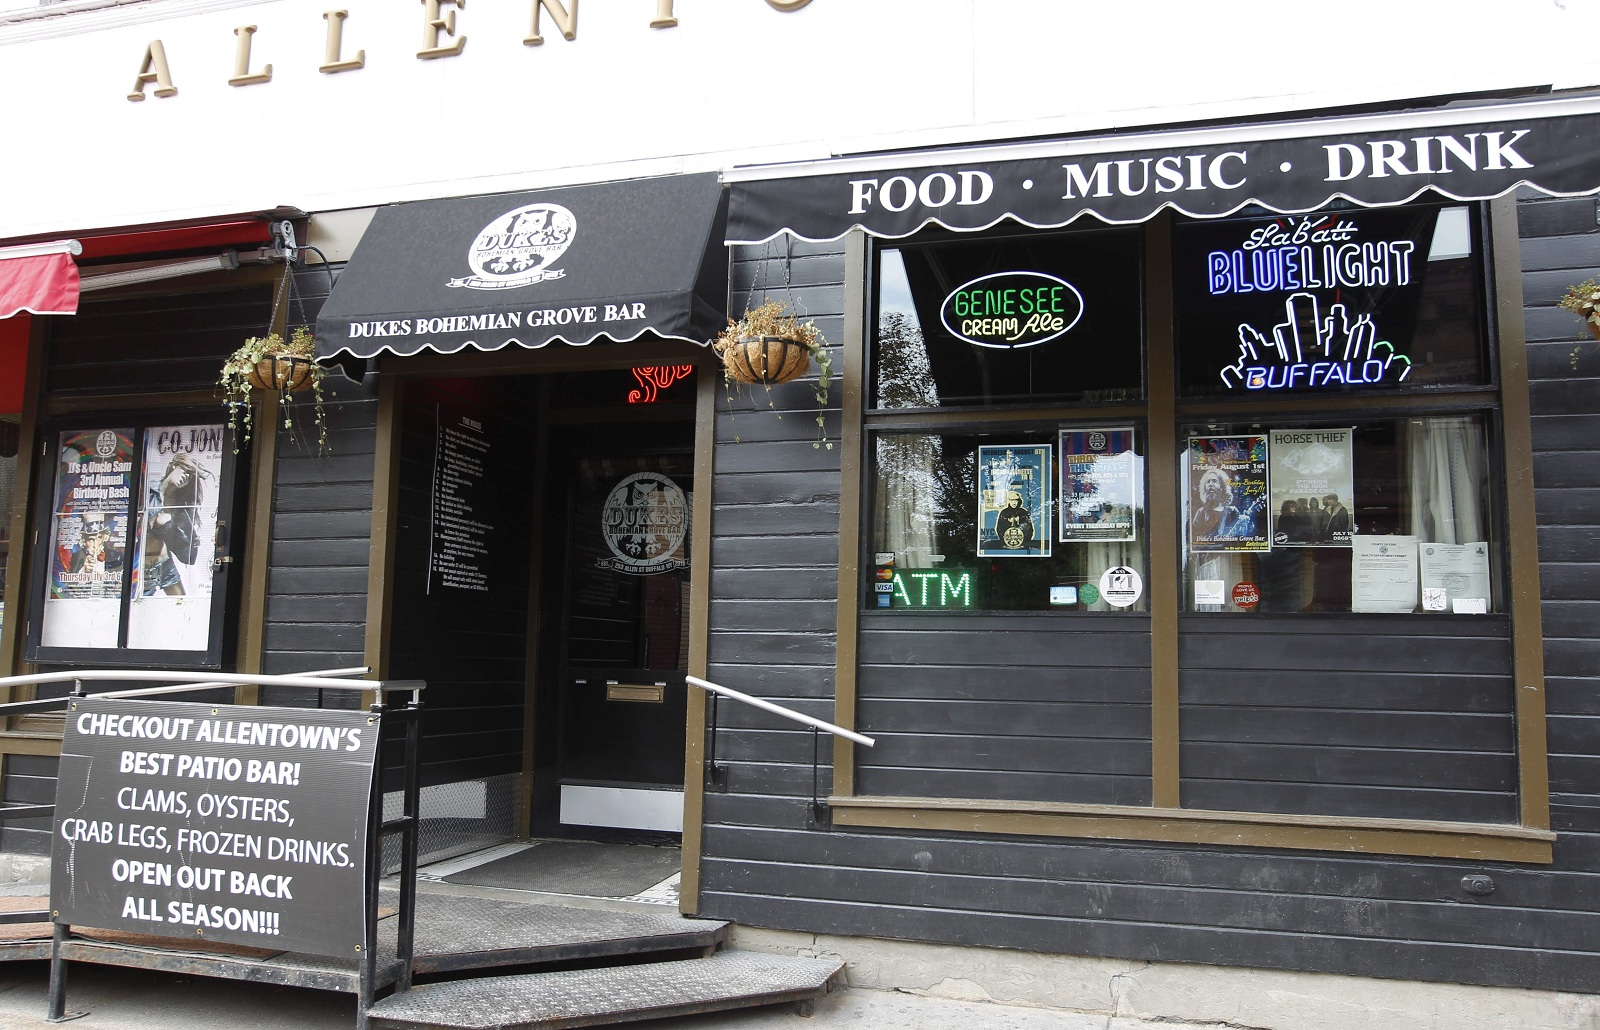 The exterior of Duke's Bohemian Grove Bar in Allentown. (Sharon Cantillon/Buffalo News file photo)